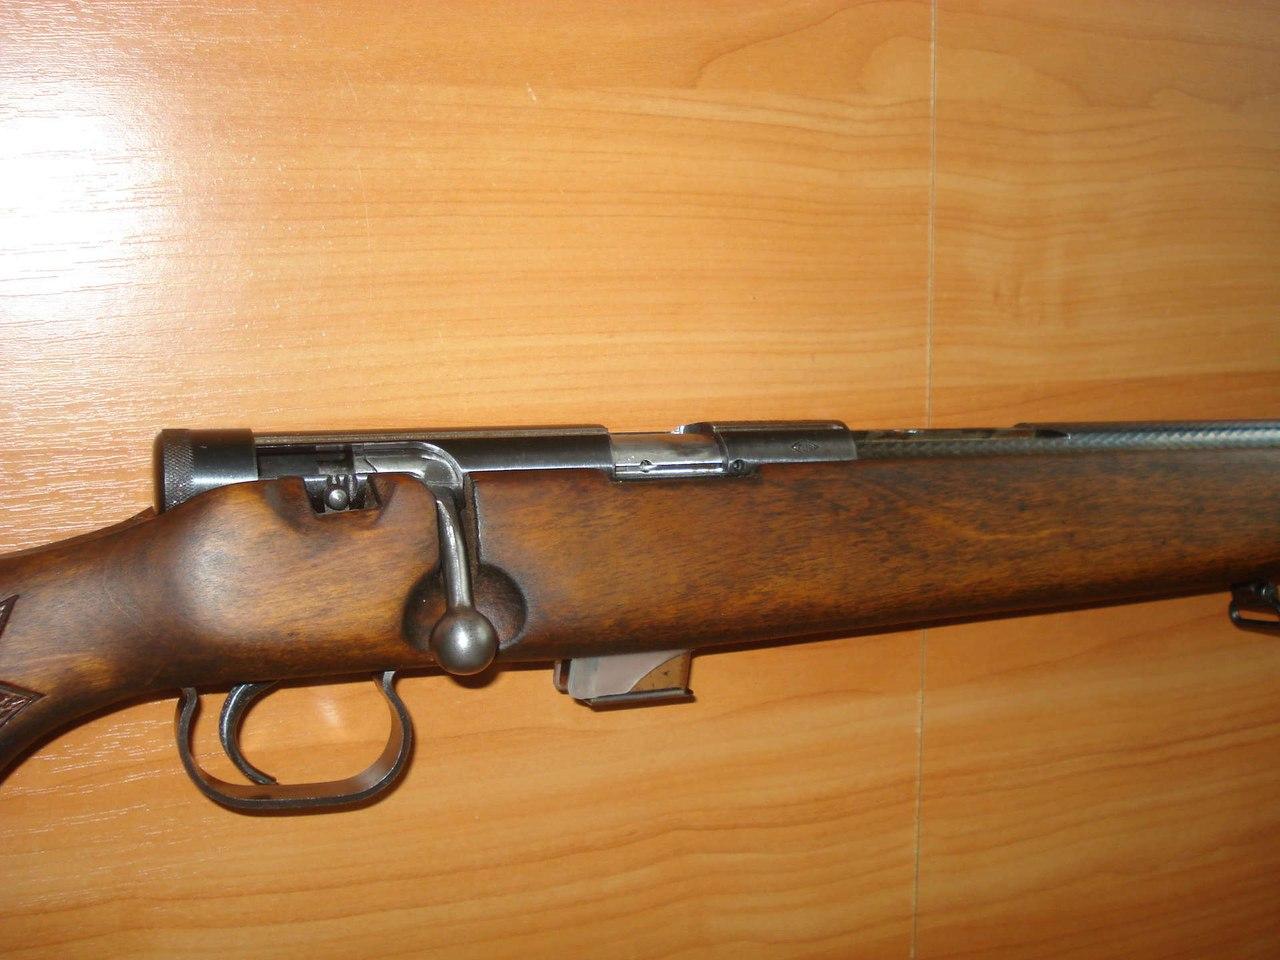 Житель Даусуза нашел винтовку в пойме реки Большой Зеленчук